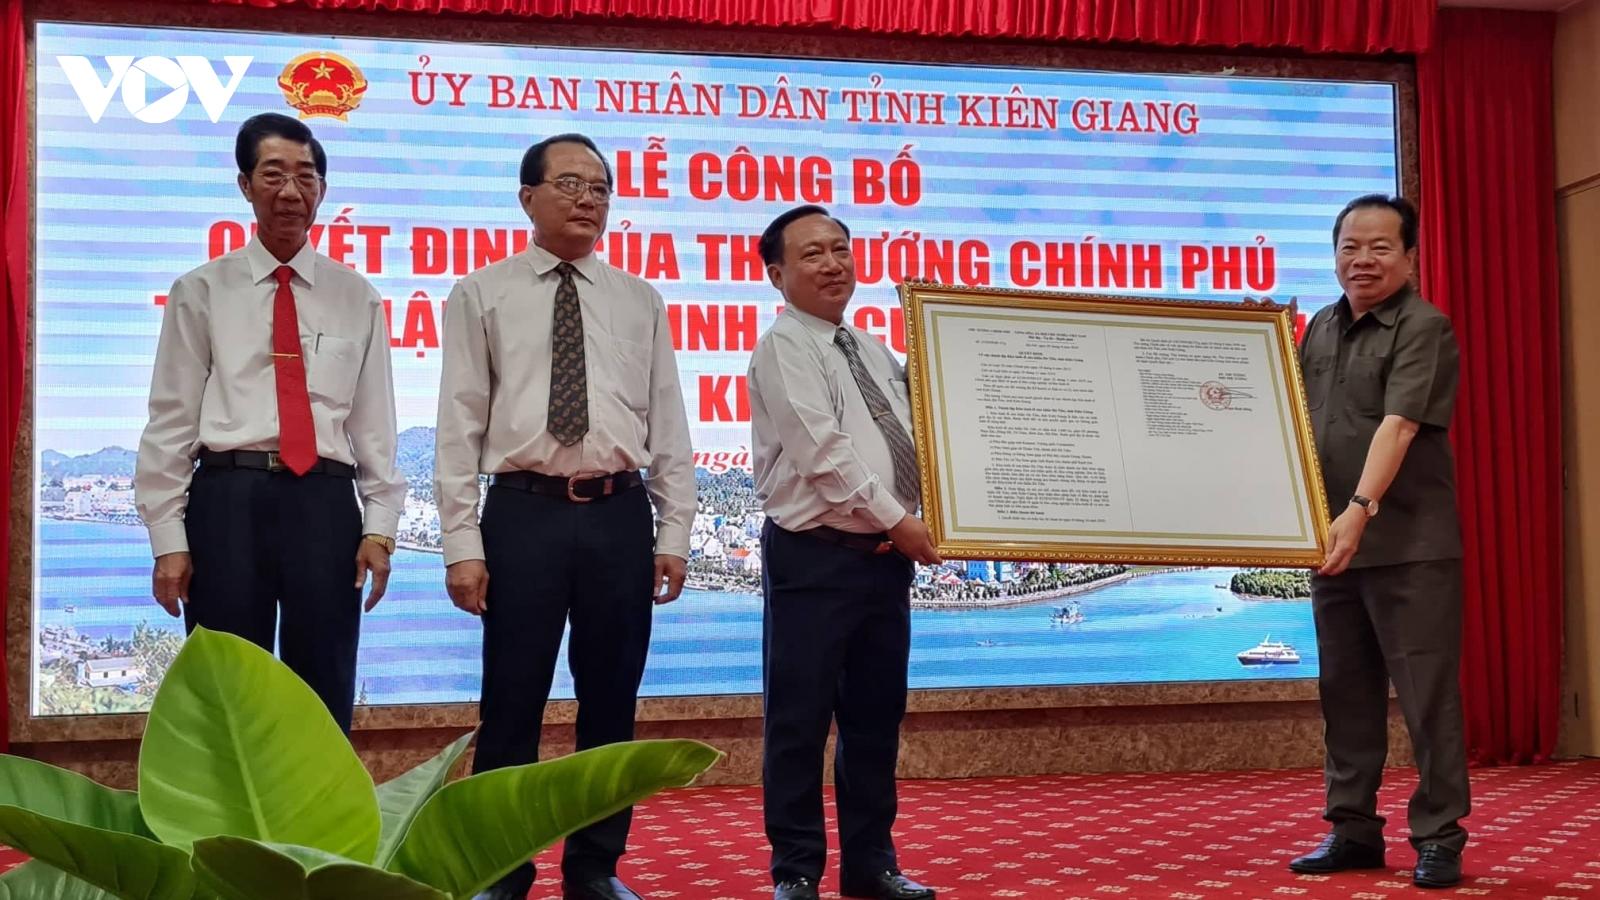 Công bố quyết định của Thủ tướng Chính phủ thành lập Khu kinh tế cửa khẩu Hà Tiên